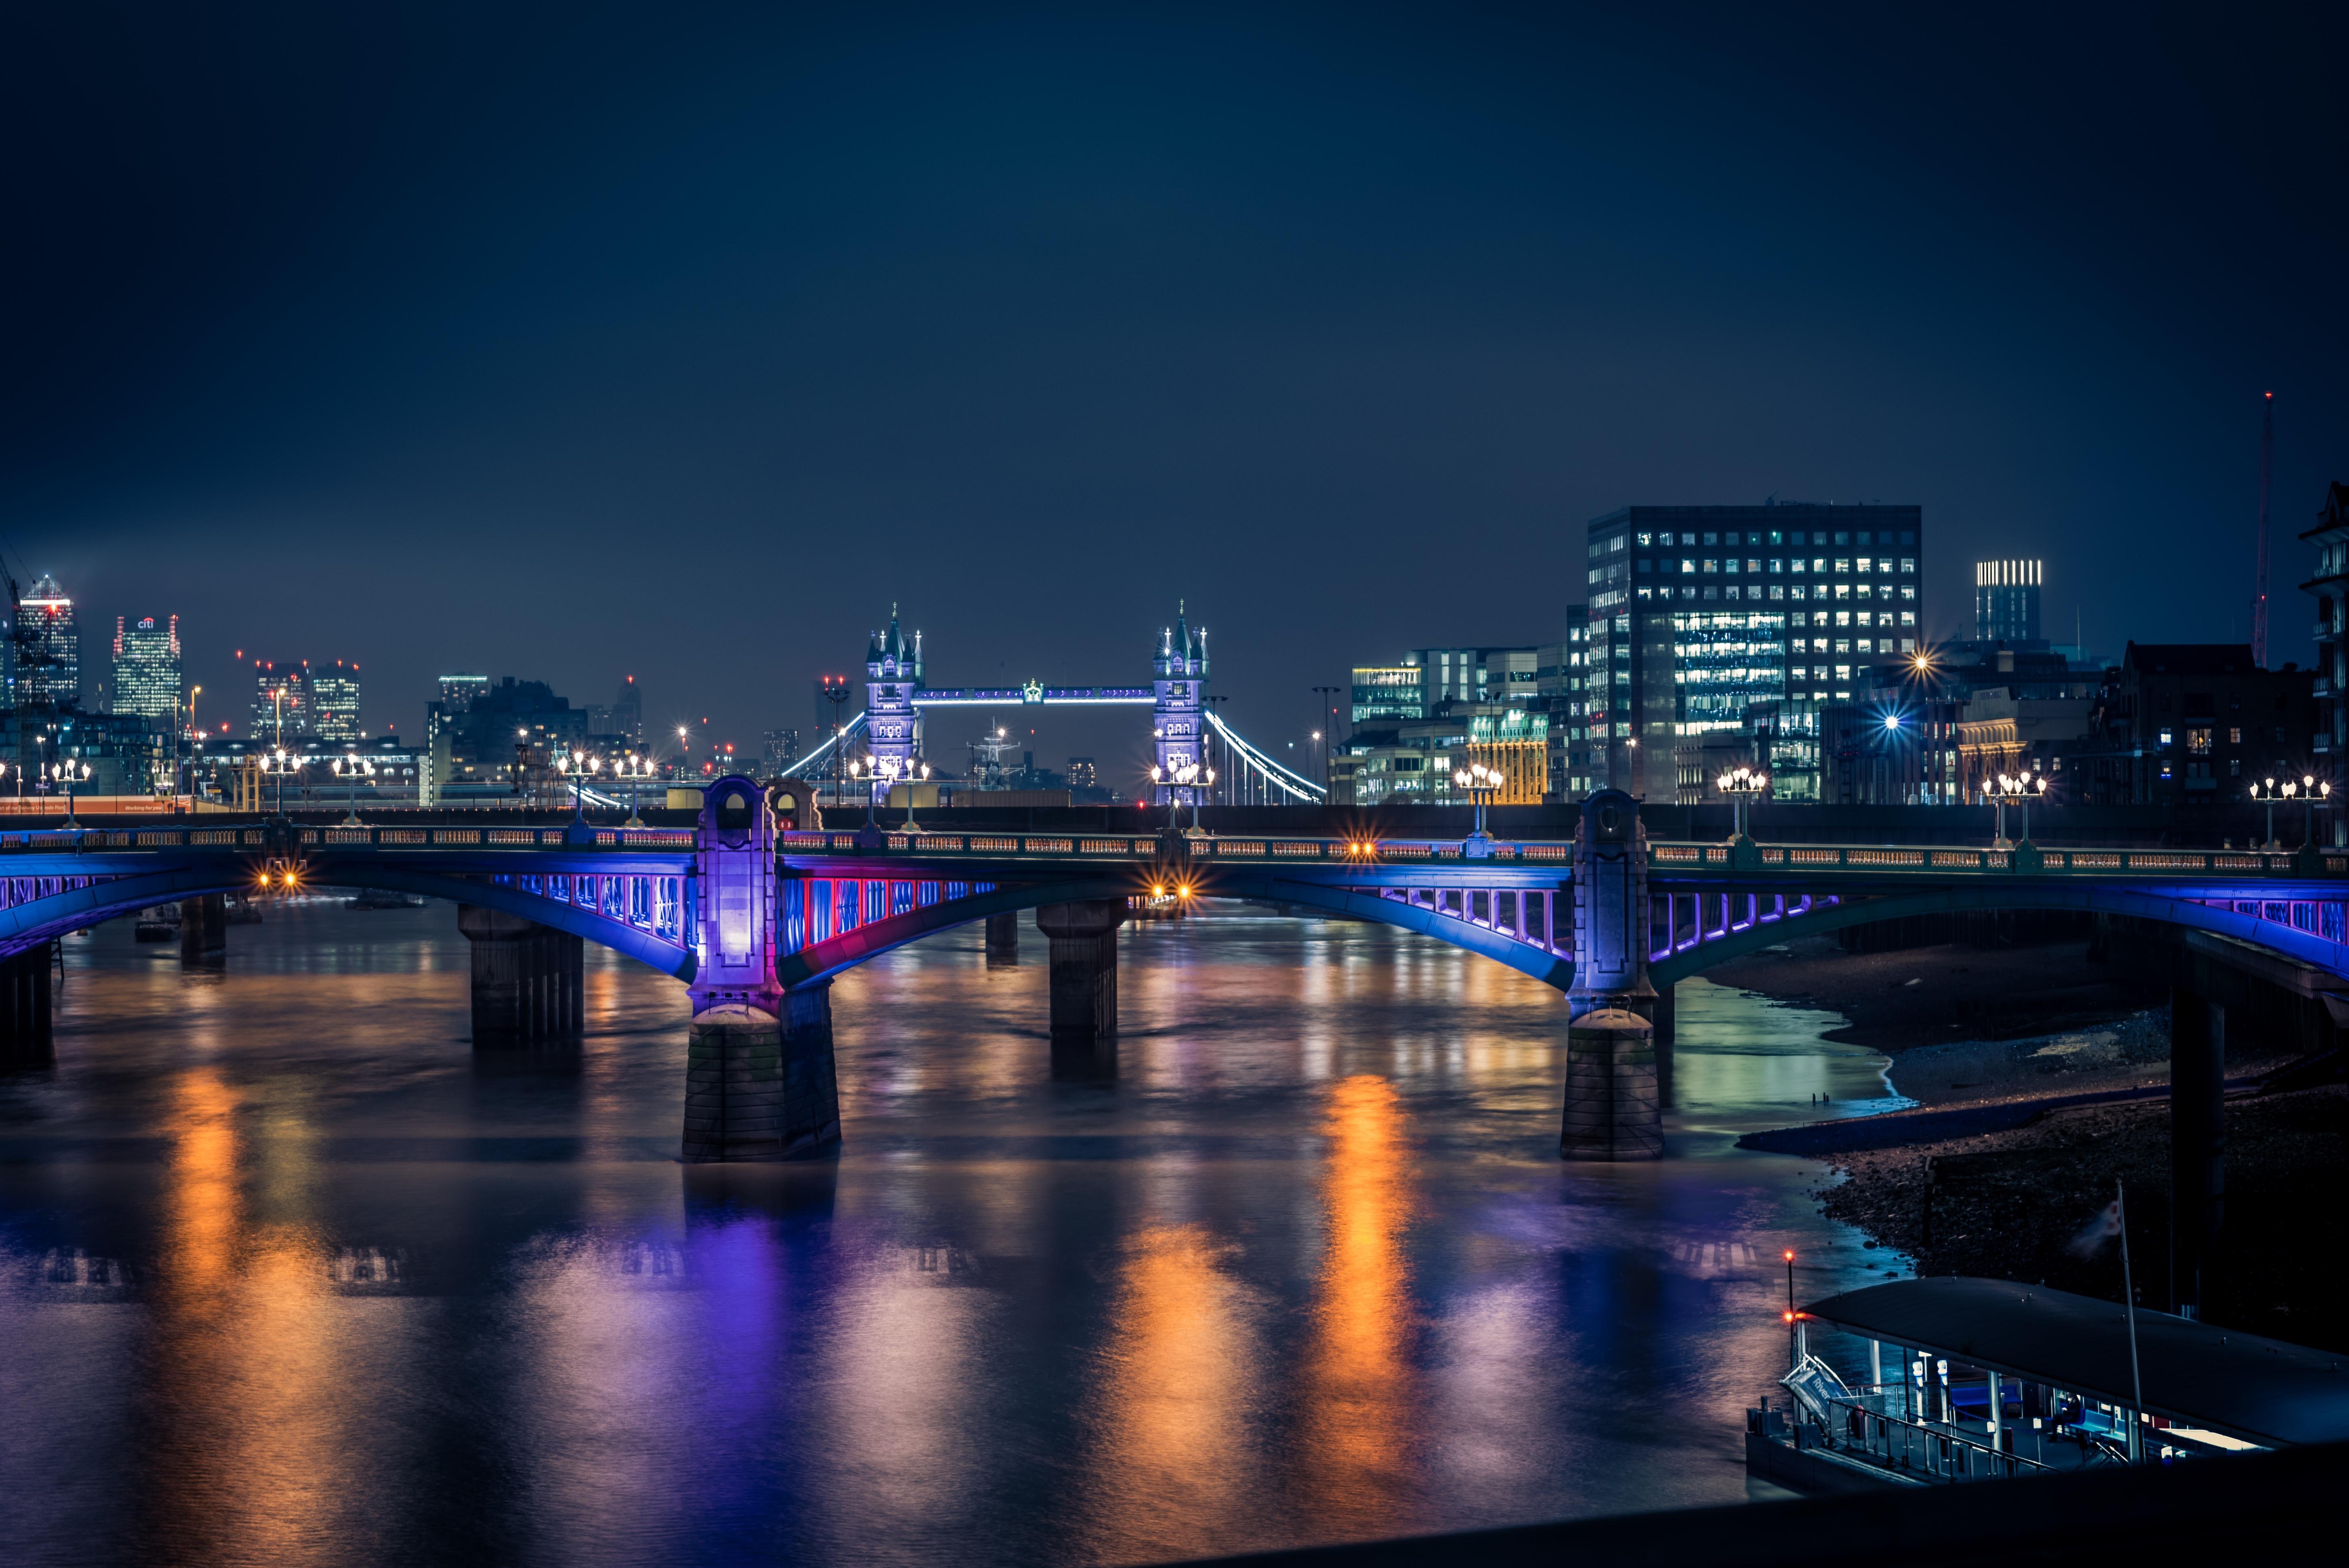 Լոնդոն հյուրանոցներ հյուրանոցներ հյուրանոցներ England Լոնդոնյան ամրագրում `աշխարհի ամենաթանկ ցածր գինը